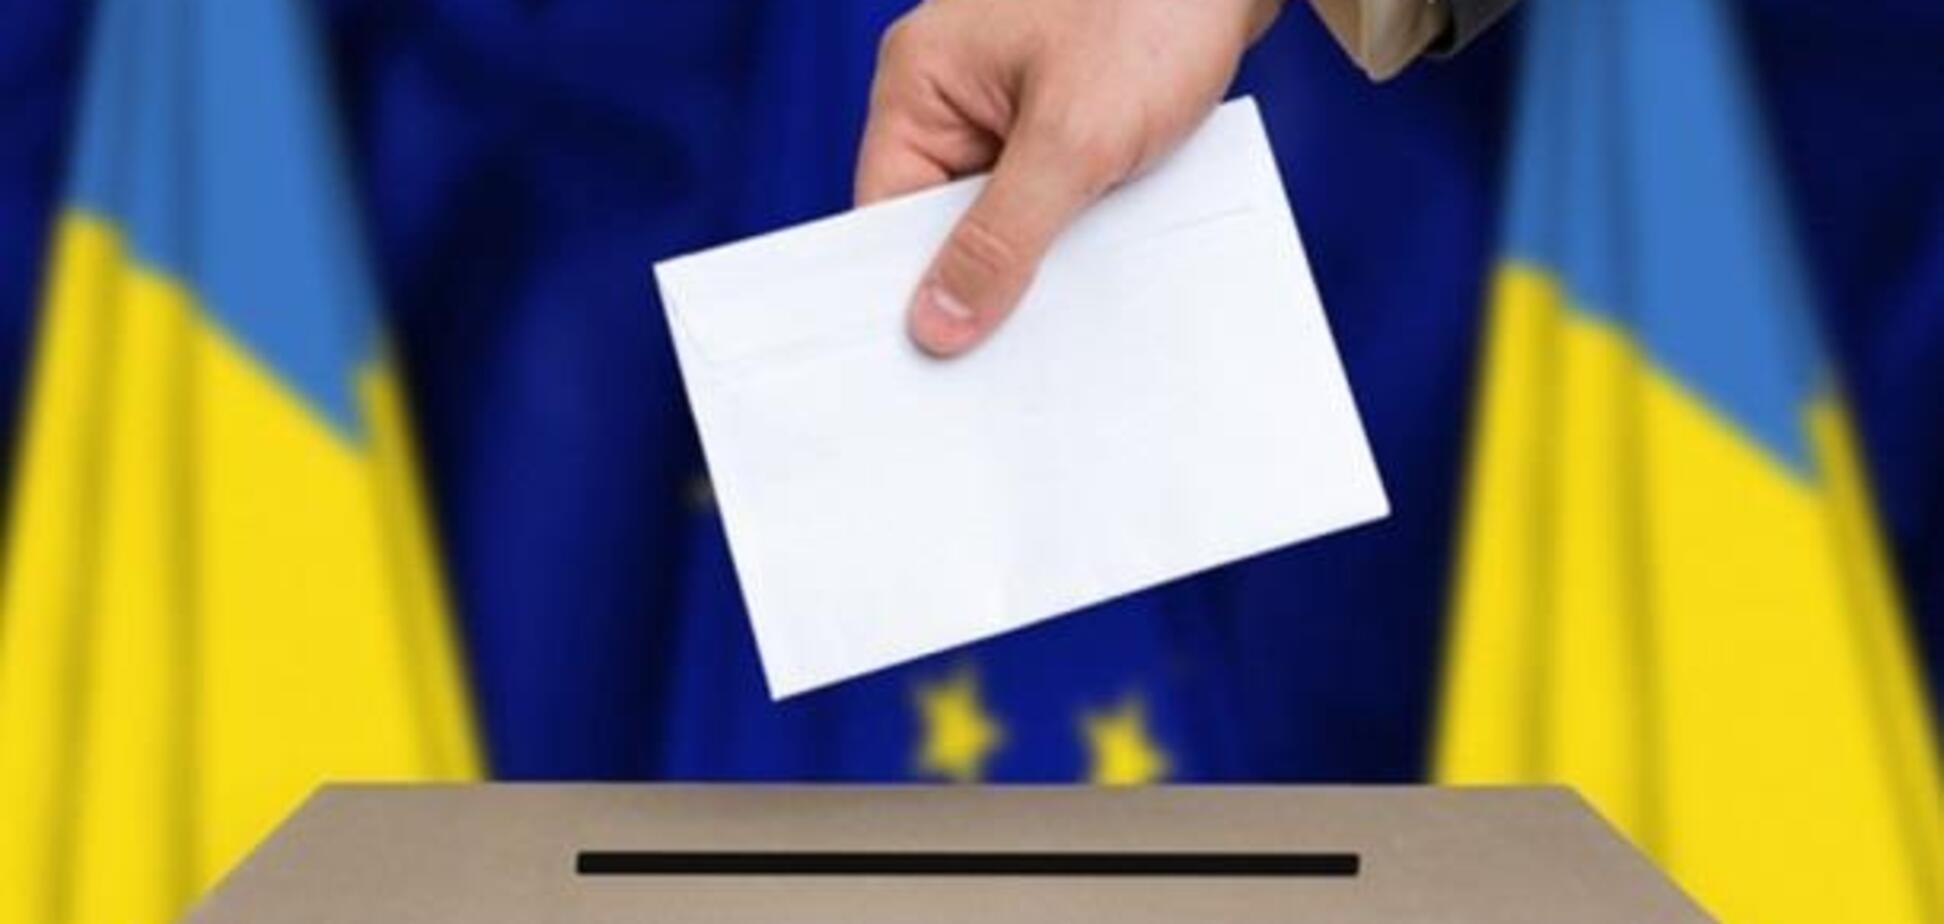 Избирательная кампанияподошла к концу: мы теряем страну